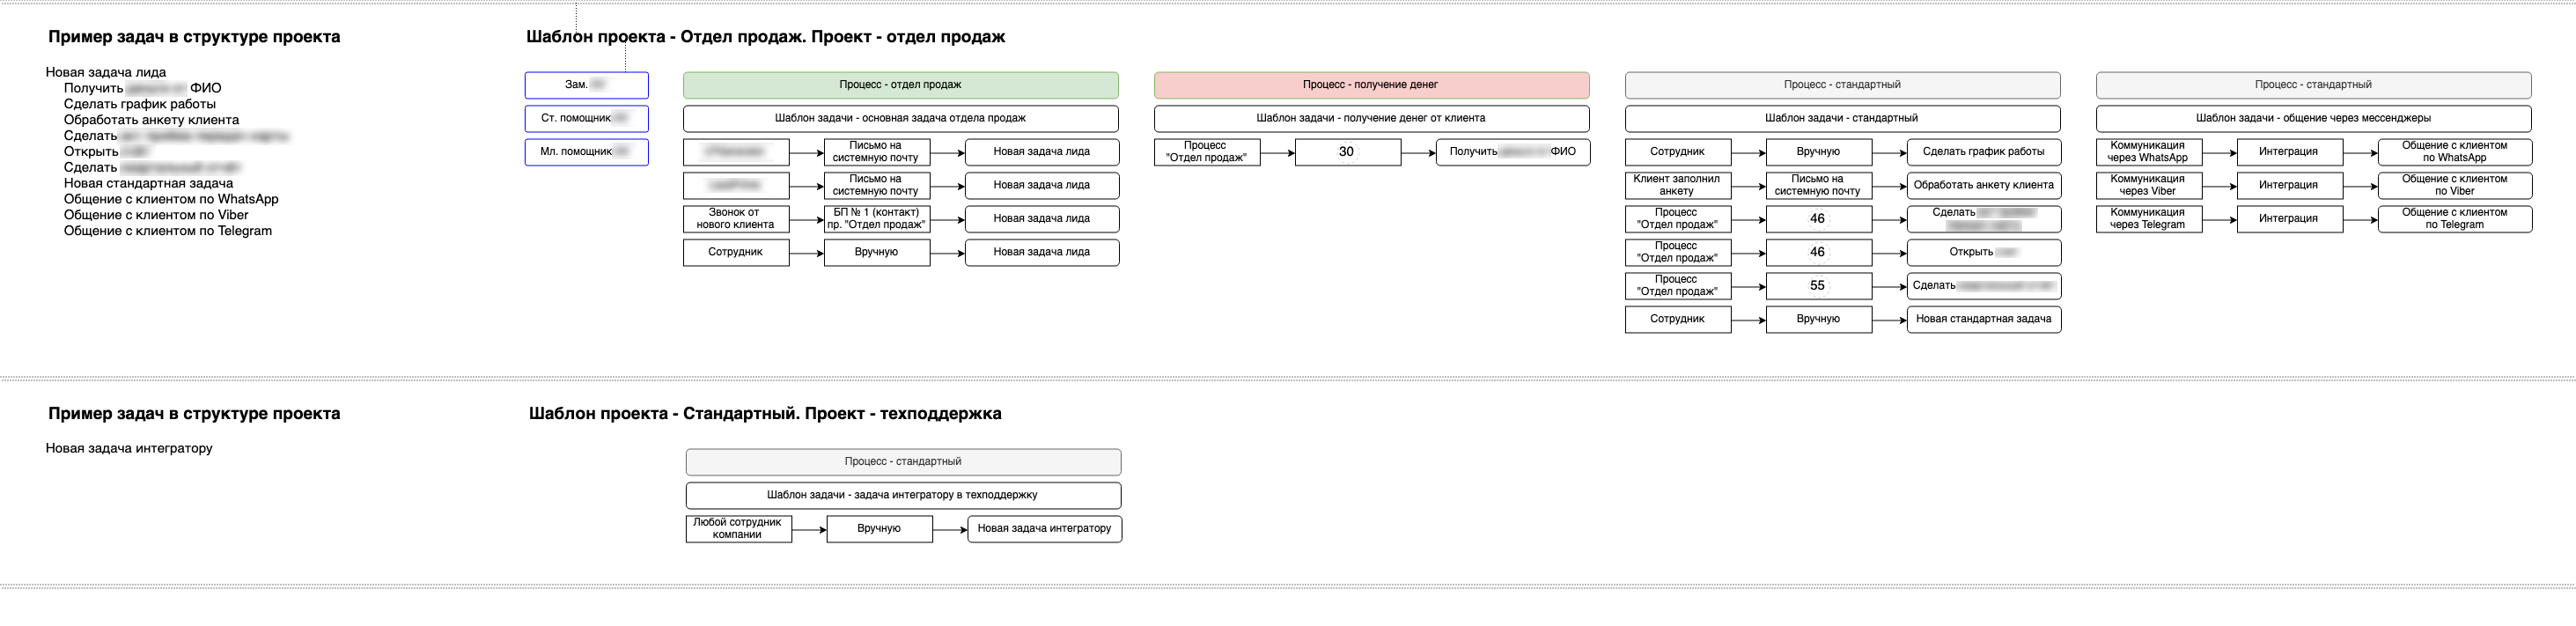 Процесс получения денег в архитектуре системы на базе ПланФикса